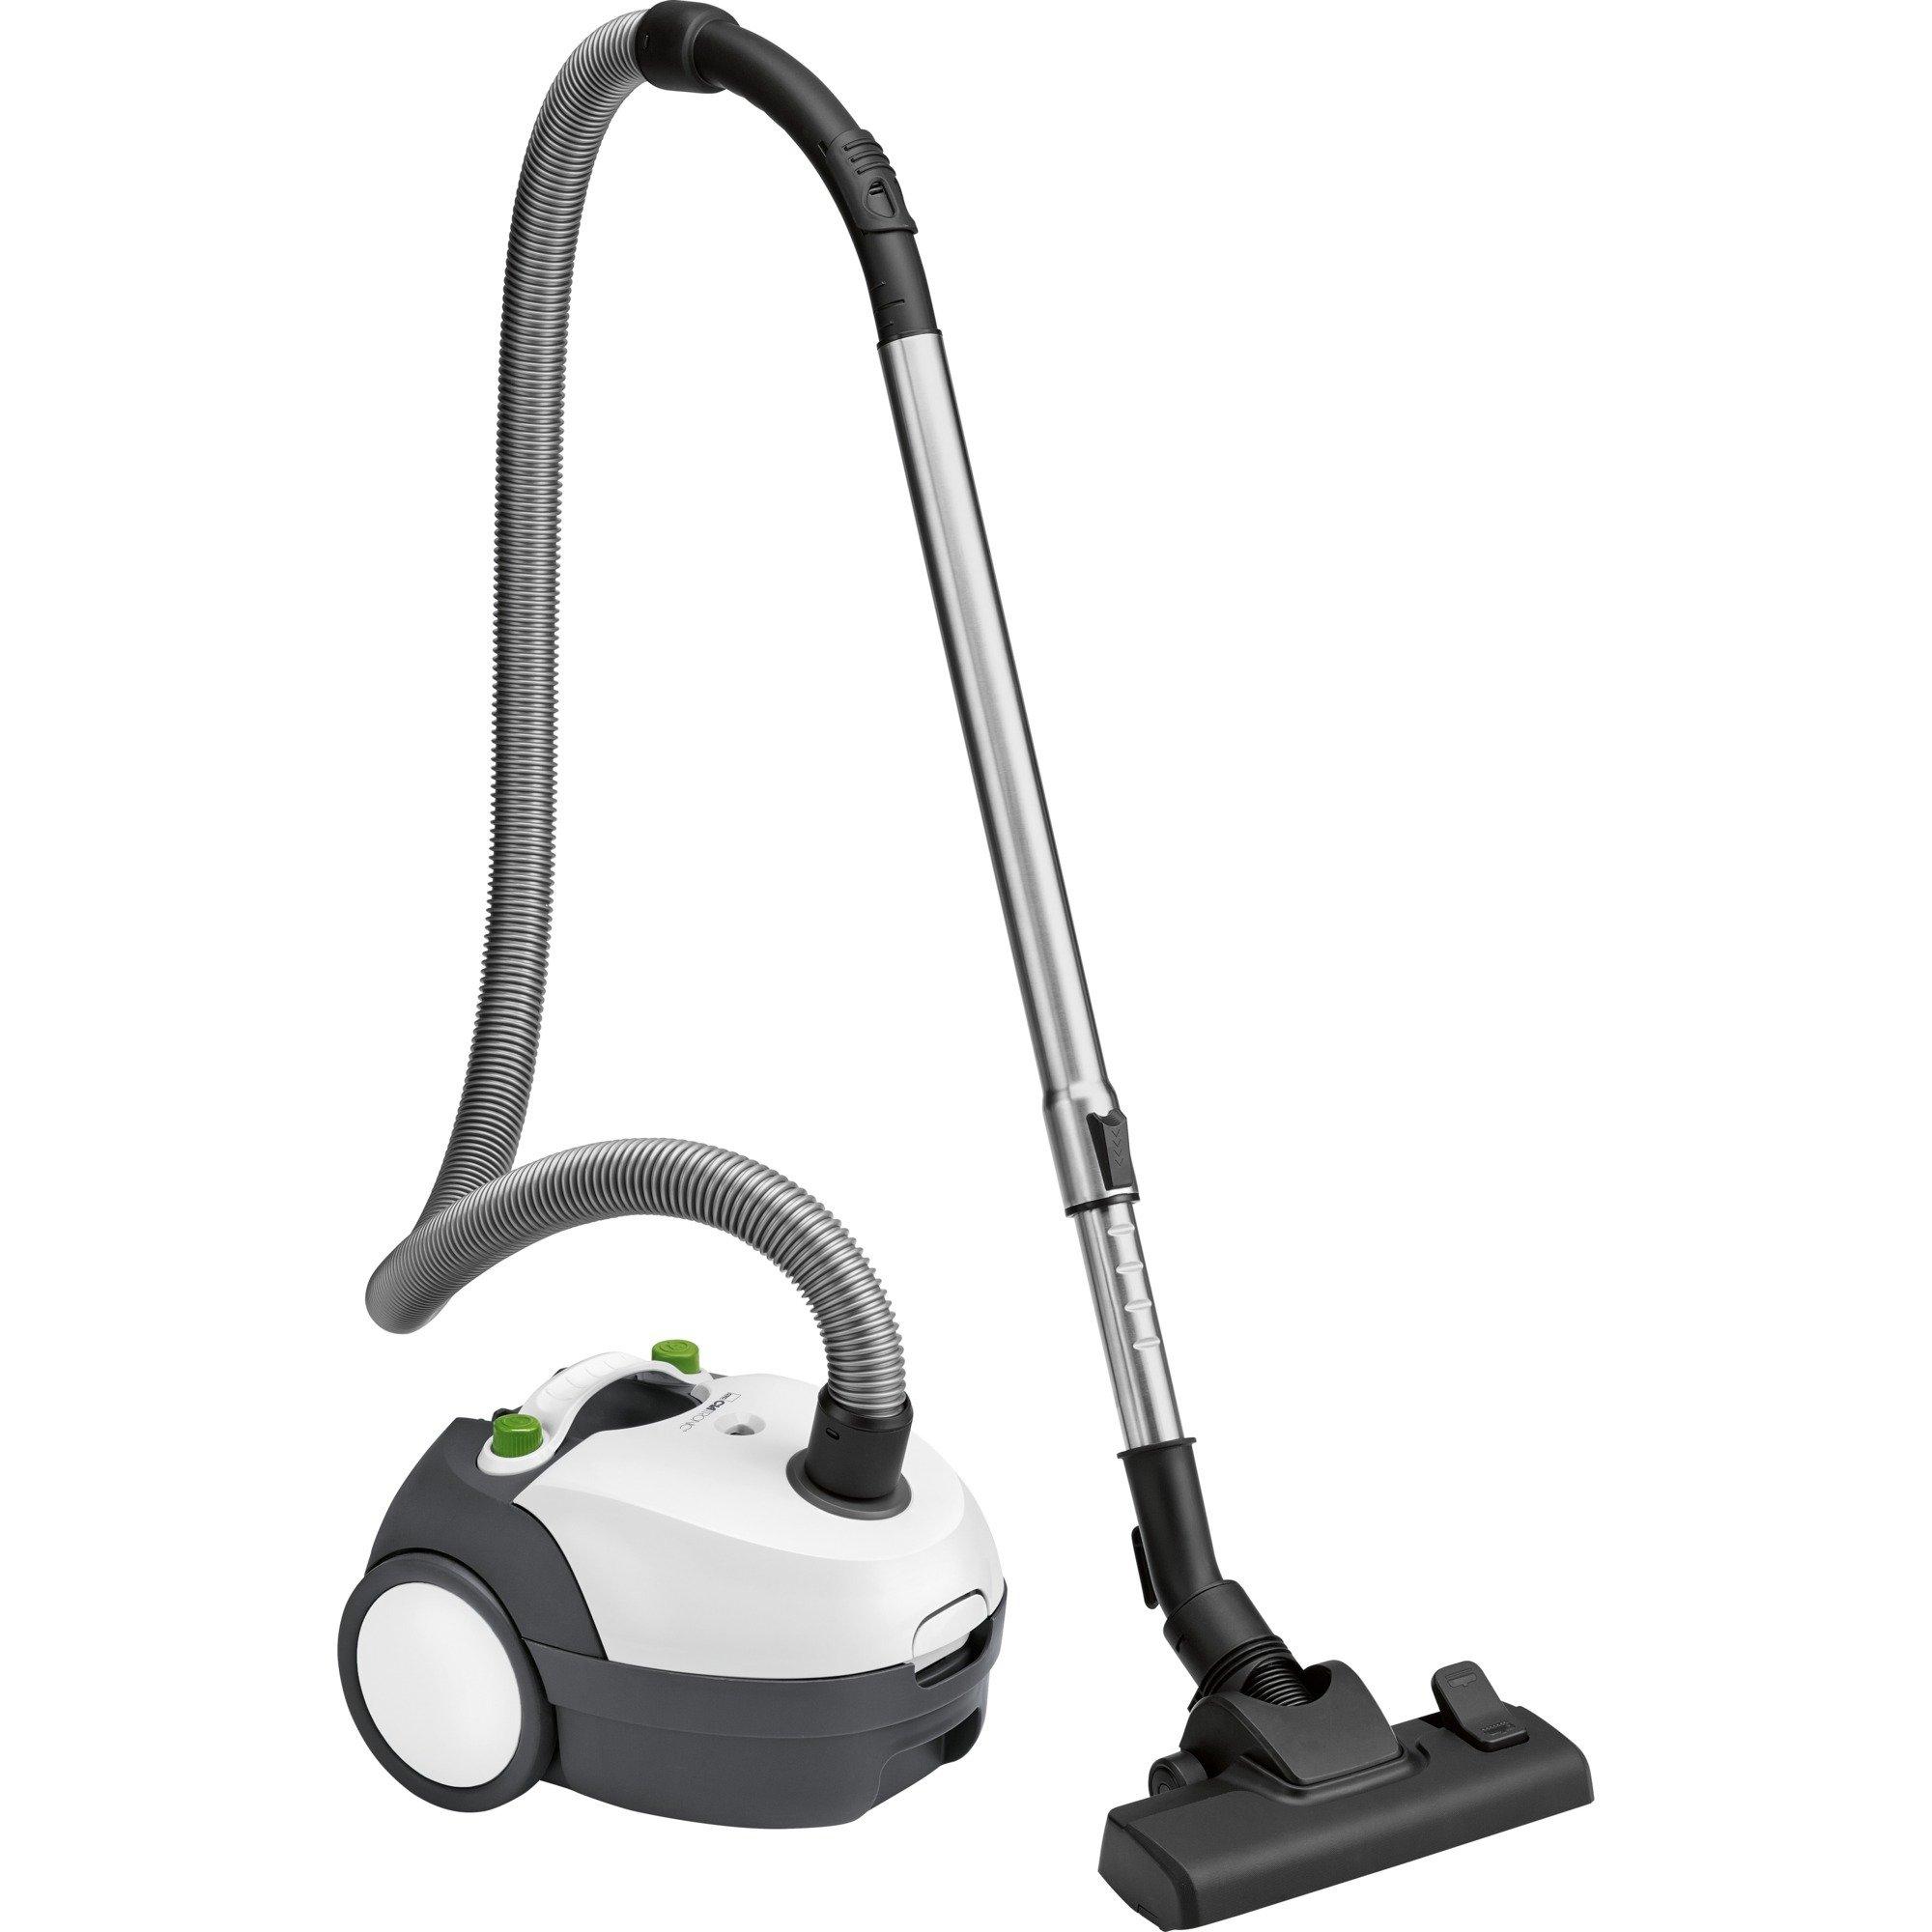 BS 1300 700 W A Aspiradora cilíndrica Negro, Blanco, Aspiradora de suelo